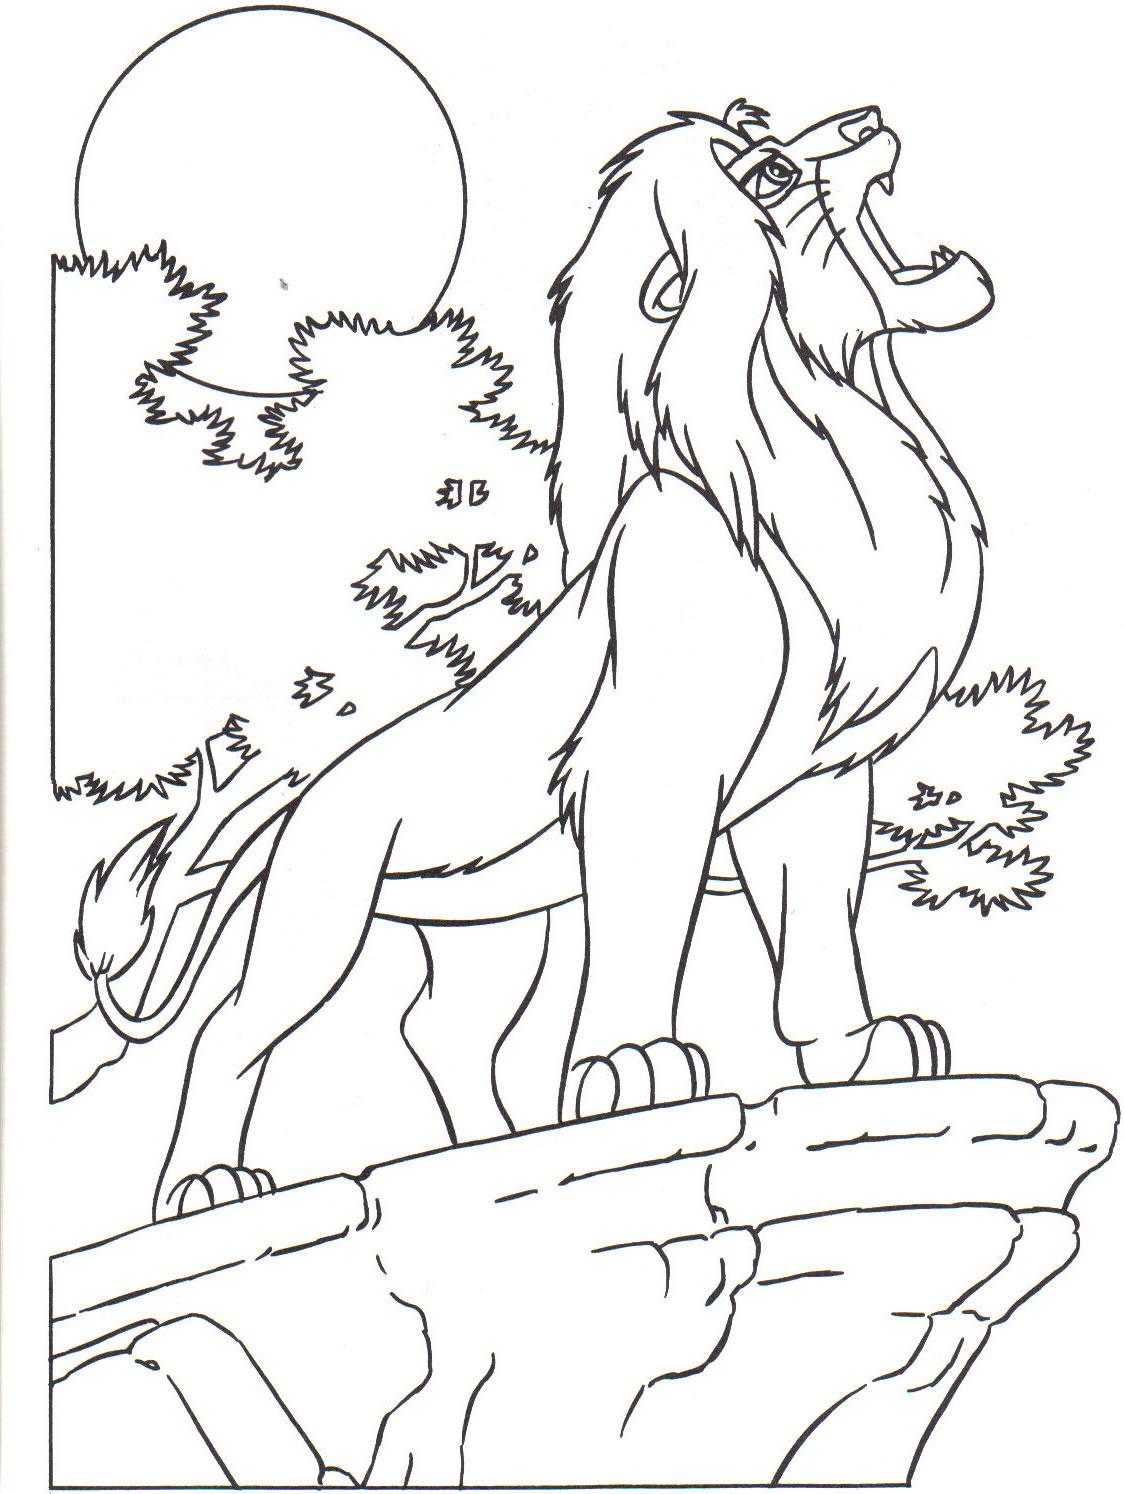 Dessin Coloriage le roi lion gratuit  imprimer et colorier